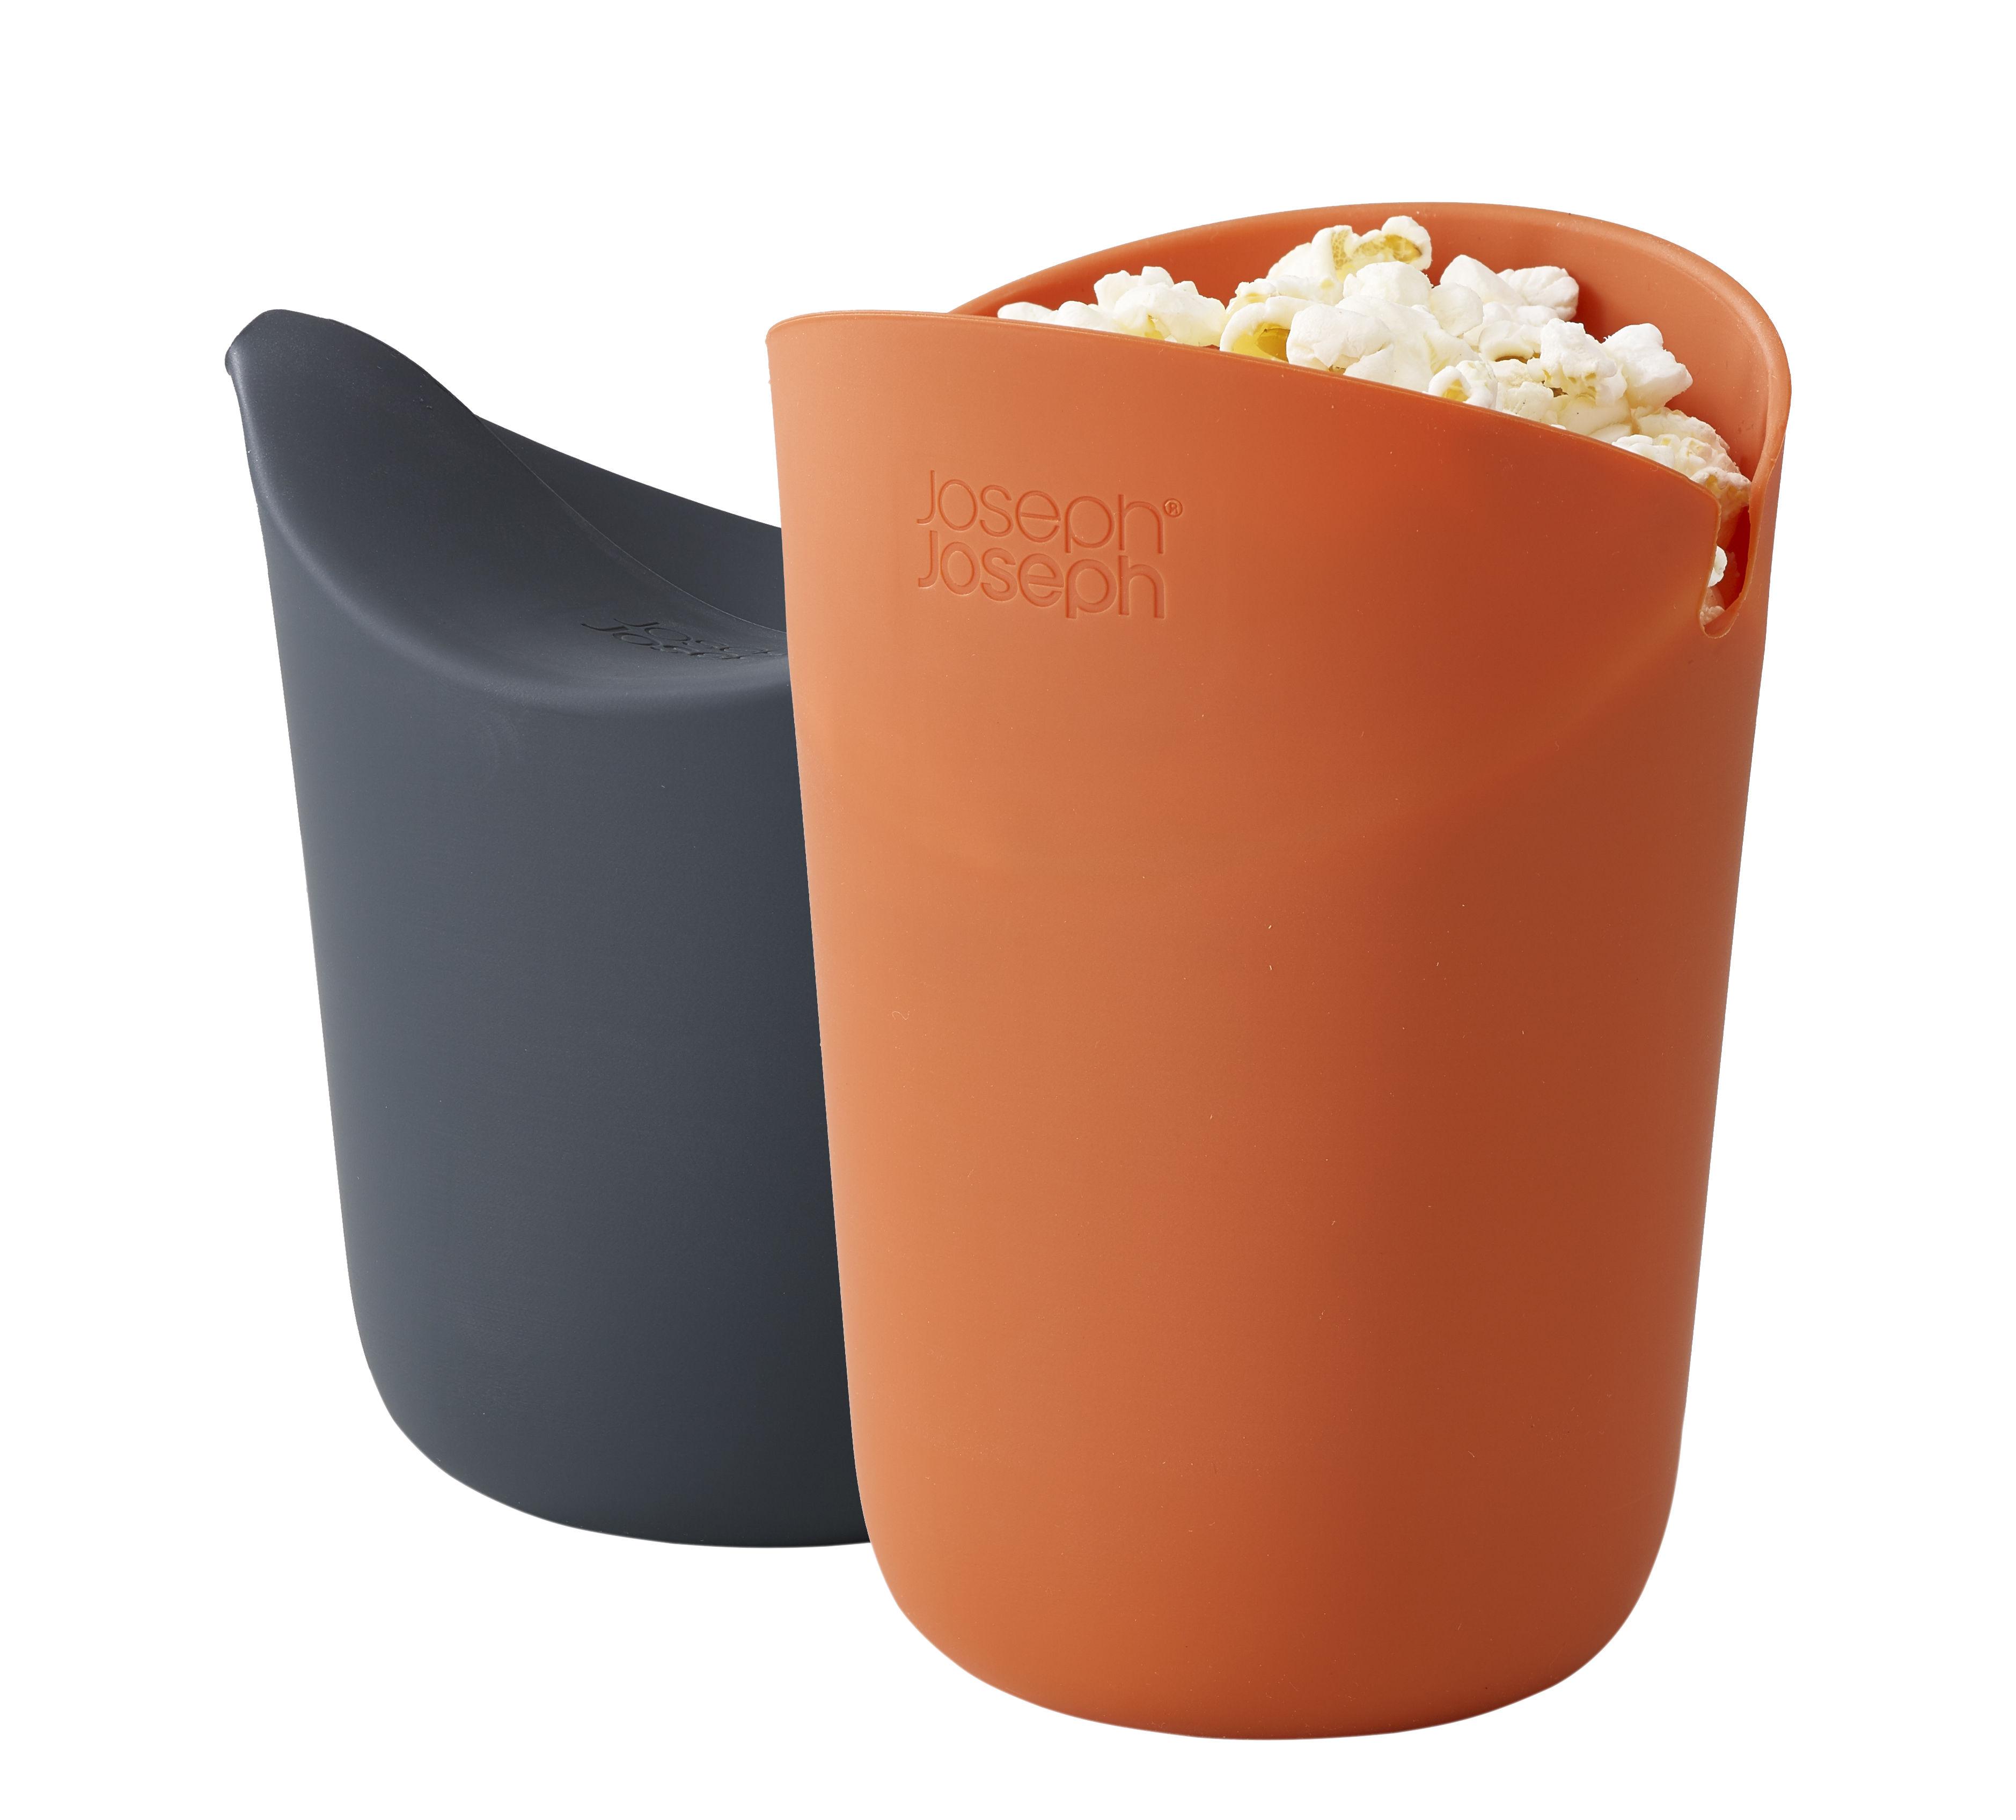 Cucina - Utensili da cucina - Apparecchio a popcorn M-Cuisine - / Set 2 sacchetti per il microonde di Joseph Joseph - Arancione & Grigio - Silicone